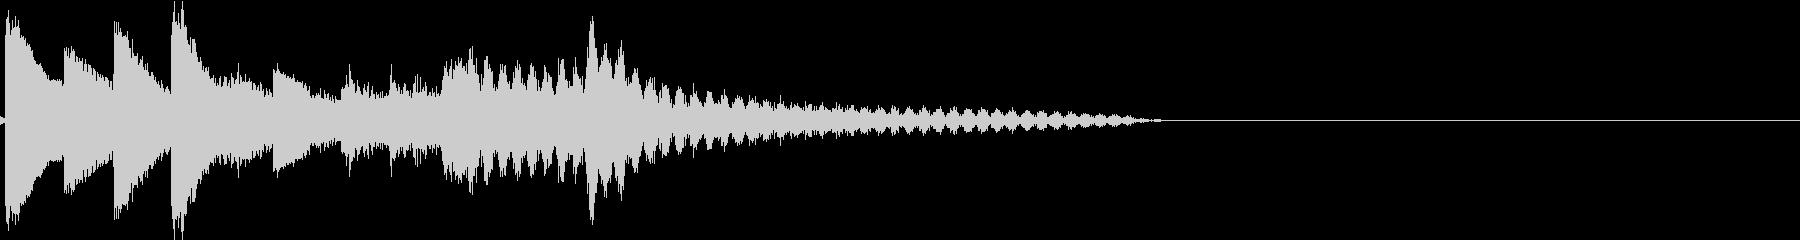 和風 琴 お正月 展開 料亭 01の未再生の波形